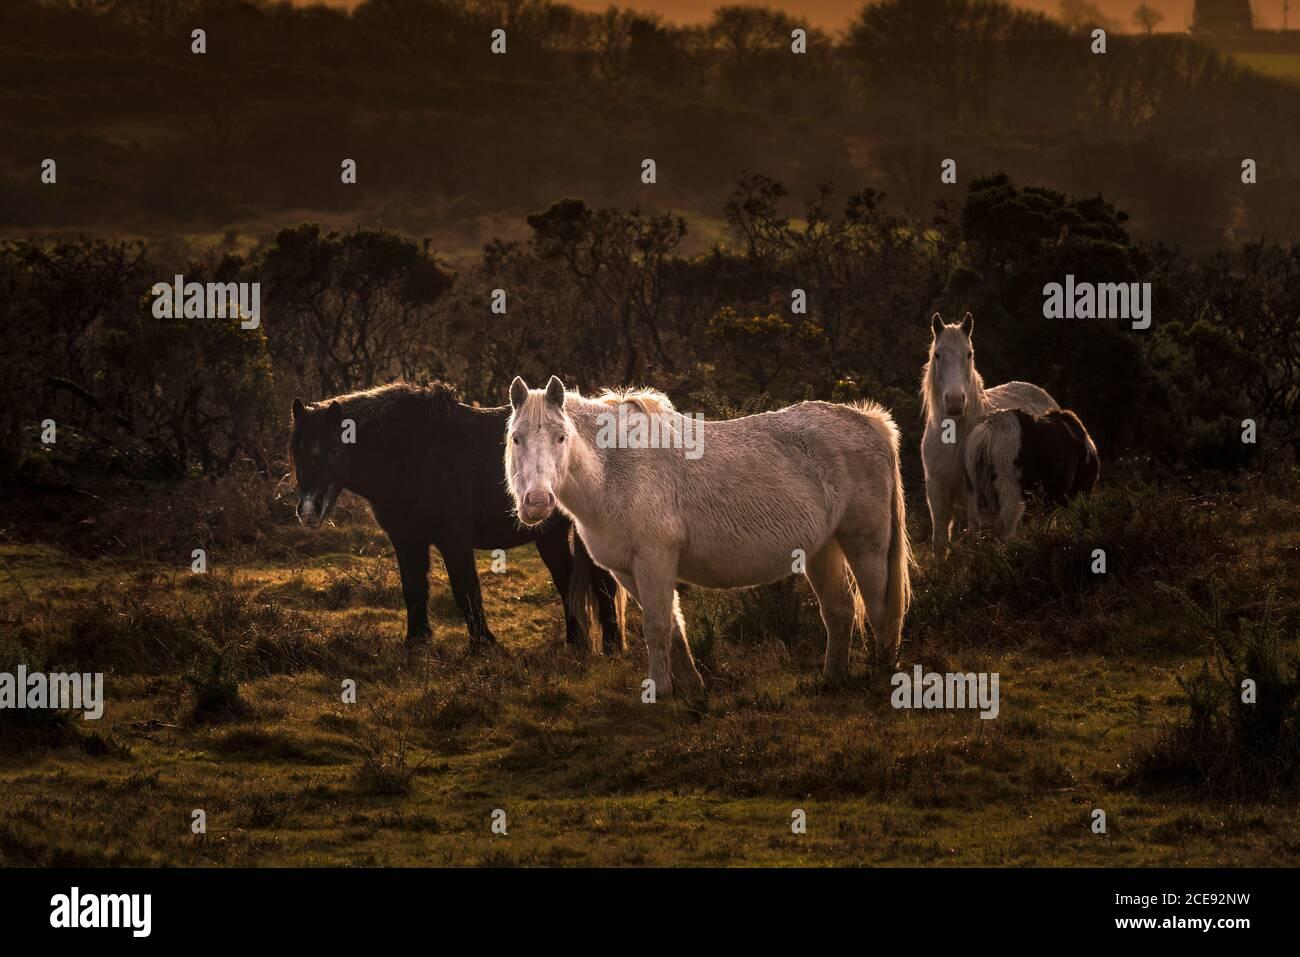 Cautelosos ponis salvajes de Bodmin pastando en el escarpado Bodmin Moor en Cornwall. Foto de stock